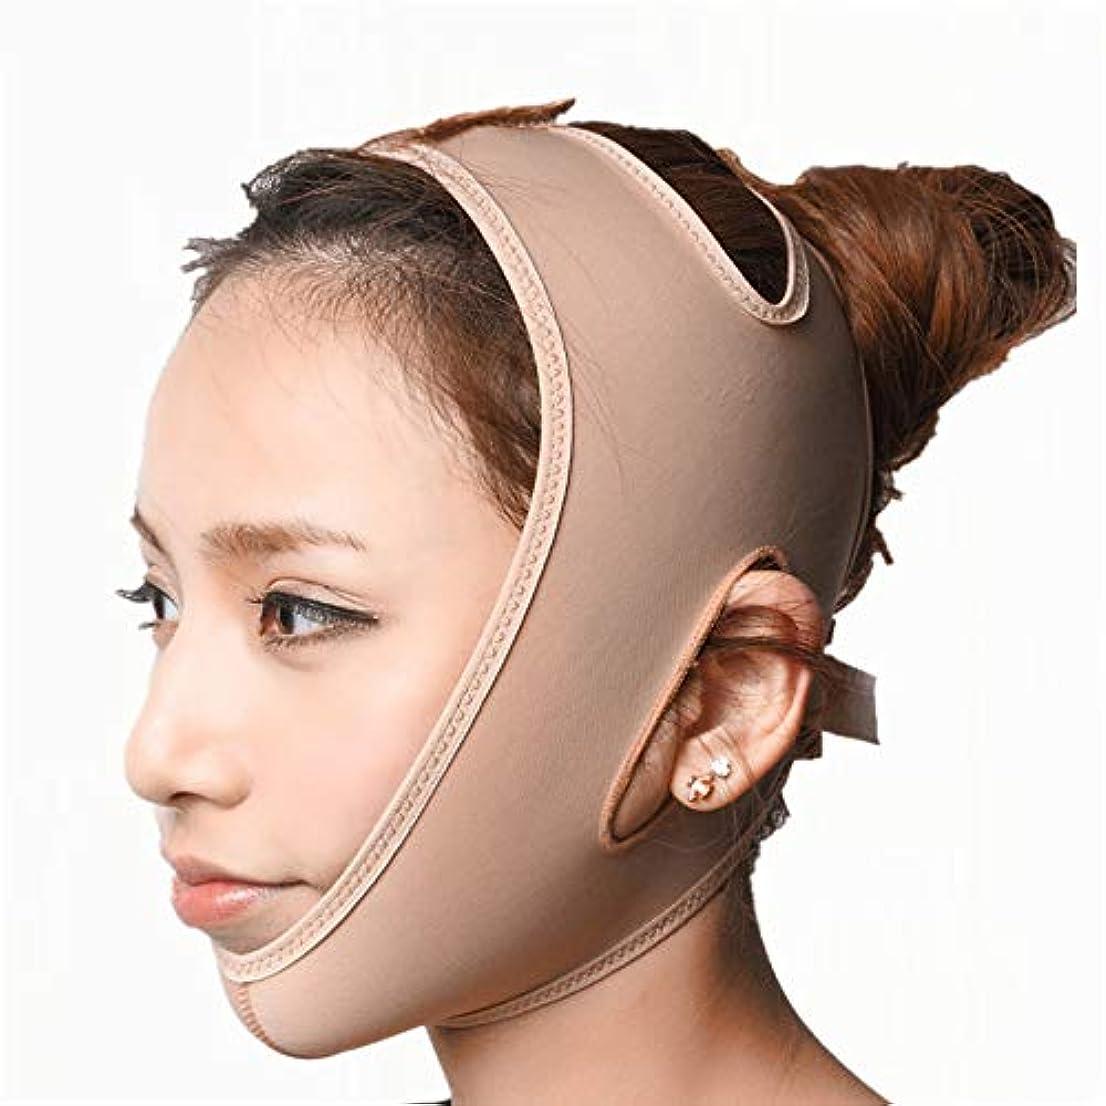 クラシカルオフェンスタイムリーなフェイスリフトベルト 薄い顔のベルト - 薄い顔のアーチファクトVの顔の包帯マスクの顔のマッサージャー薄いダブルの顎のデバイス